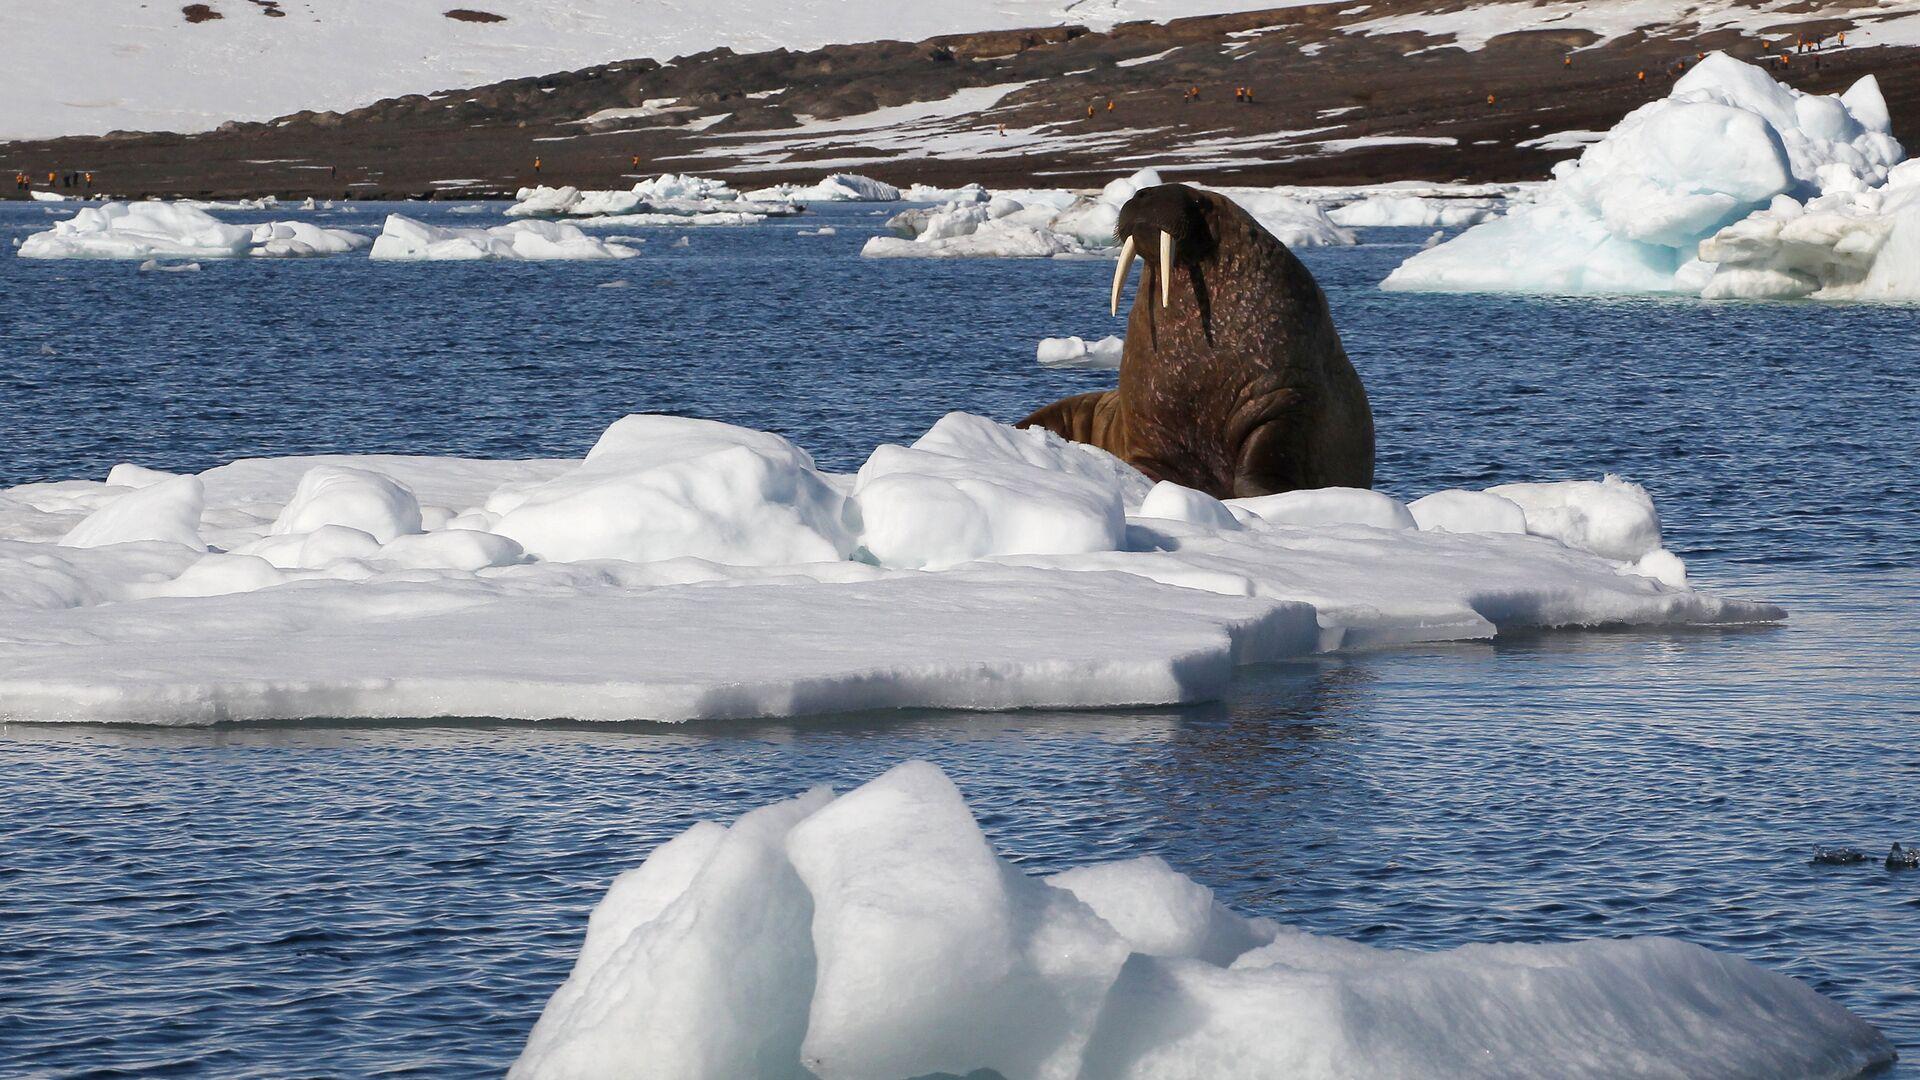 Морж на льдине у берегов одного из островов архипелага Земля Франца-Иосифа - РИА Новости, 1920, 24.11.2020